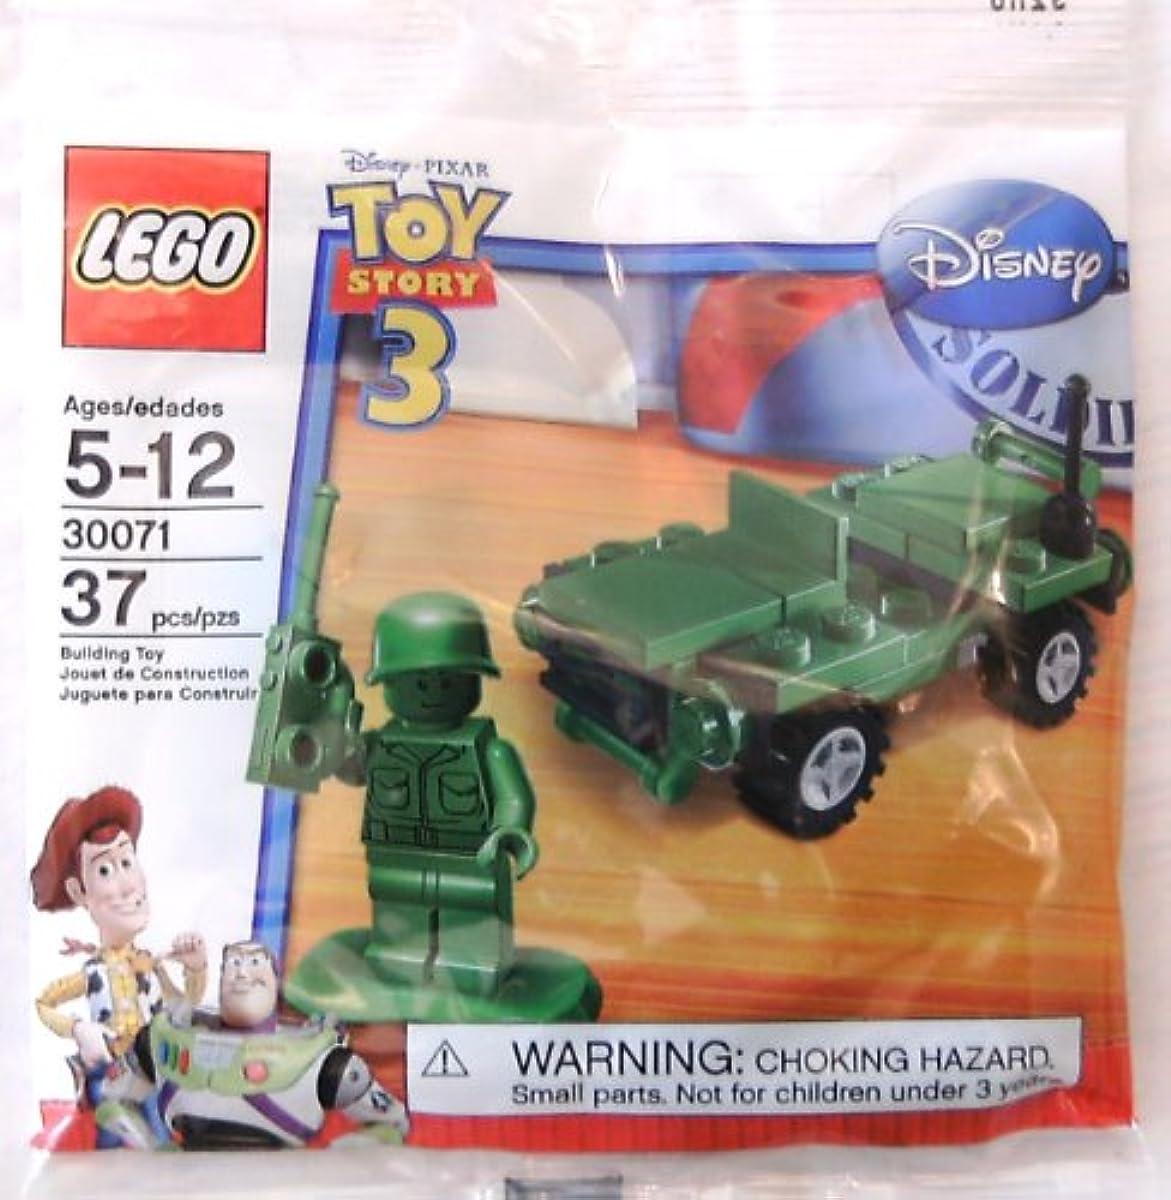 [해외] LEGO 레고/ 토이 스토리3 그린 군대 멘 녹색의 군대 중사 와 jeep부! 30071-30071